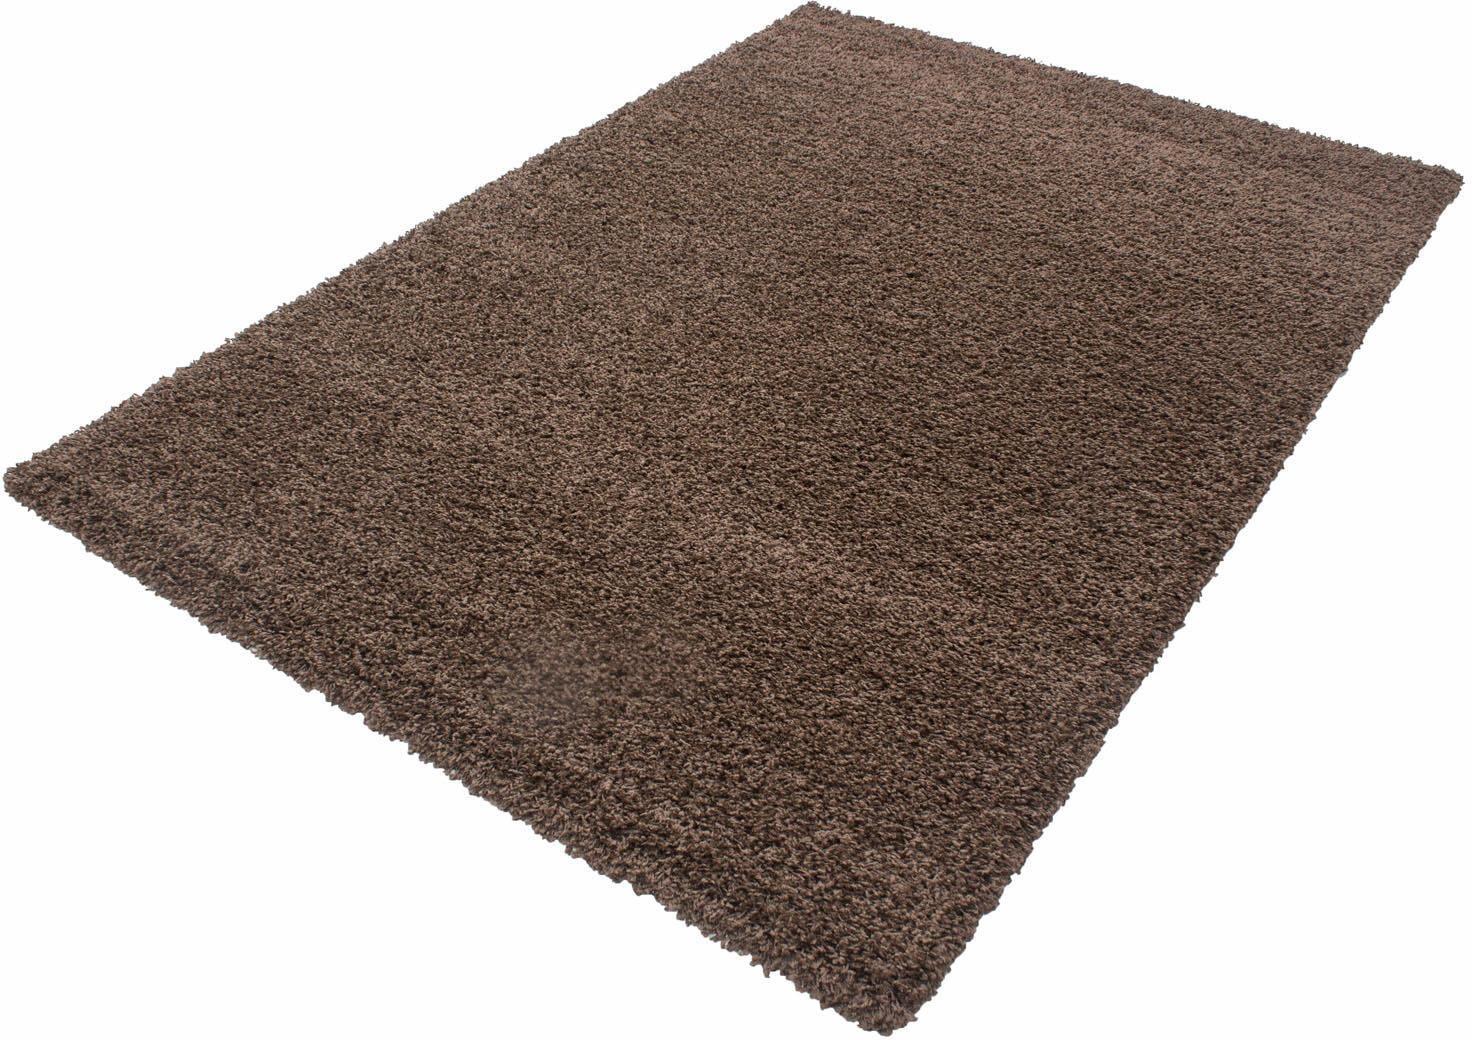 Hochflor-Teppich Life Shaggy 1500 rechteckig Höhe 30 mm